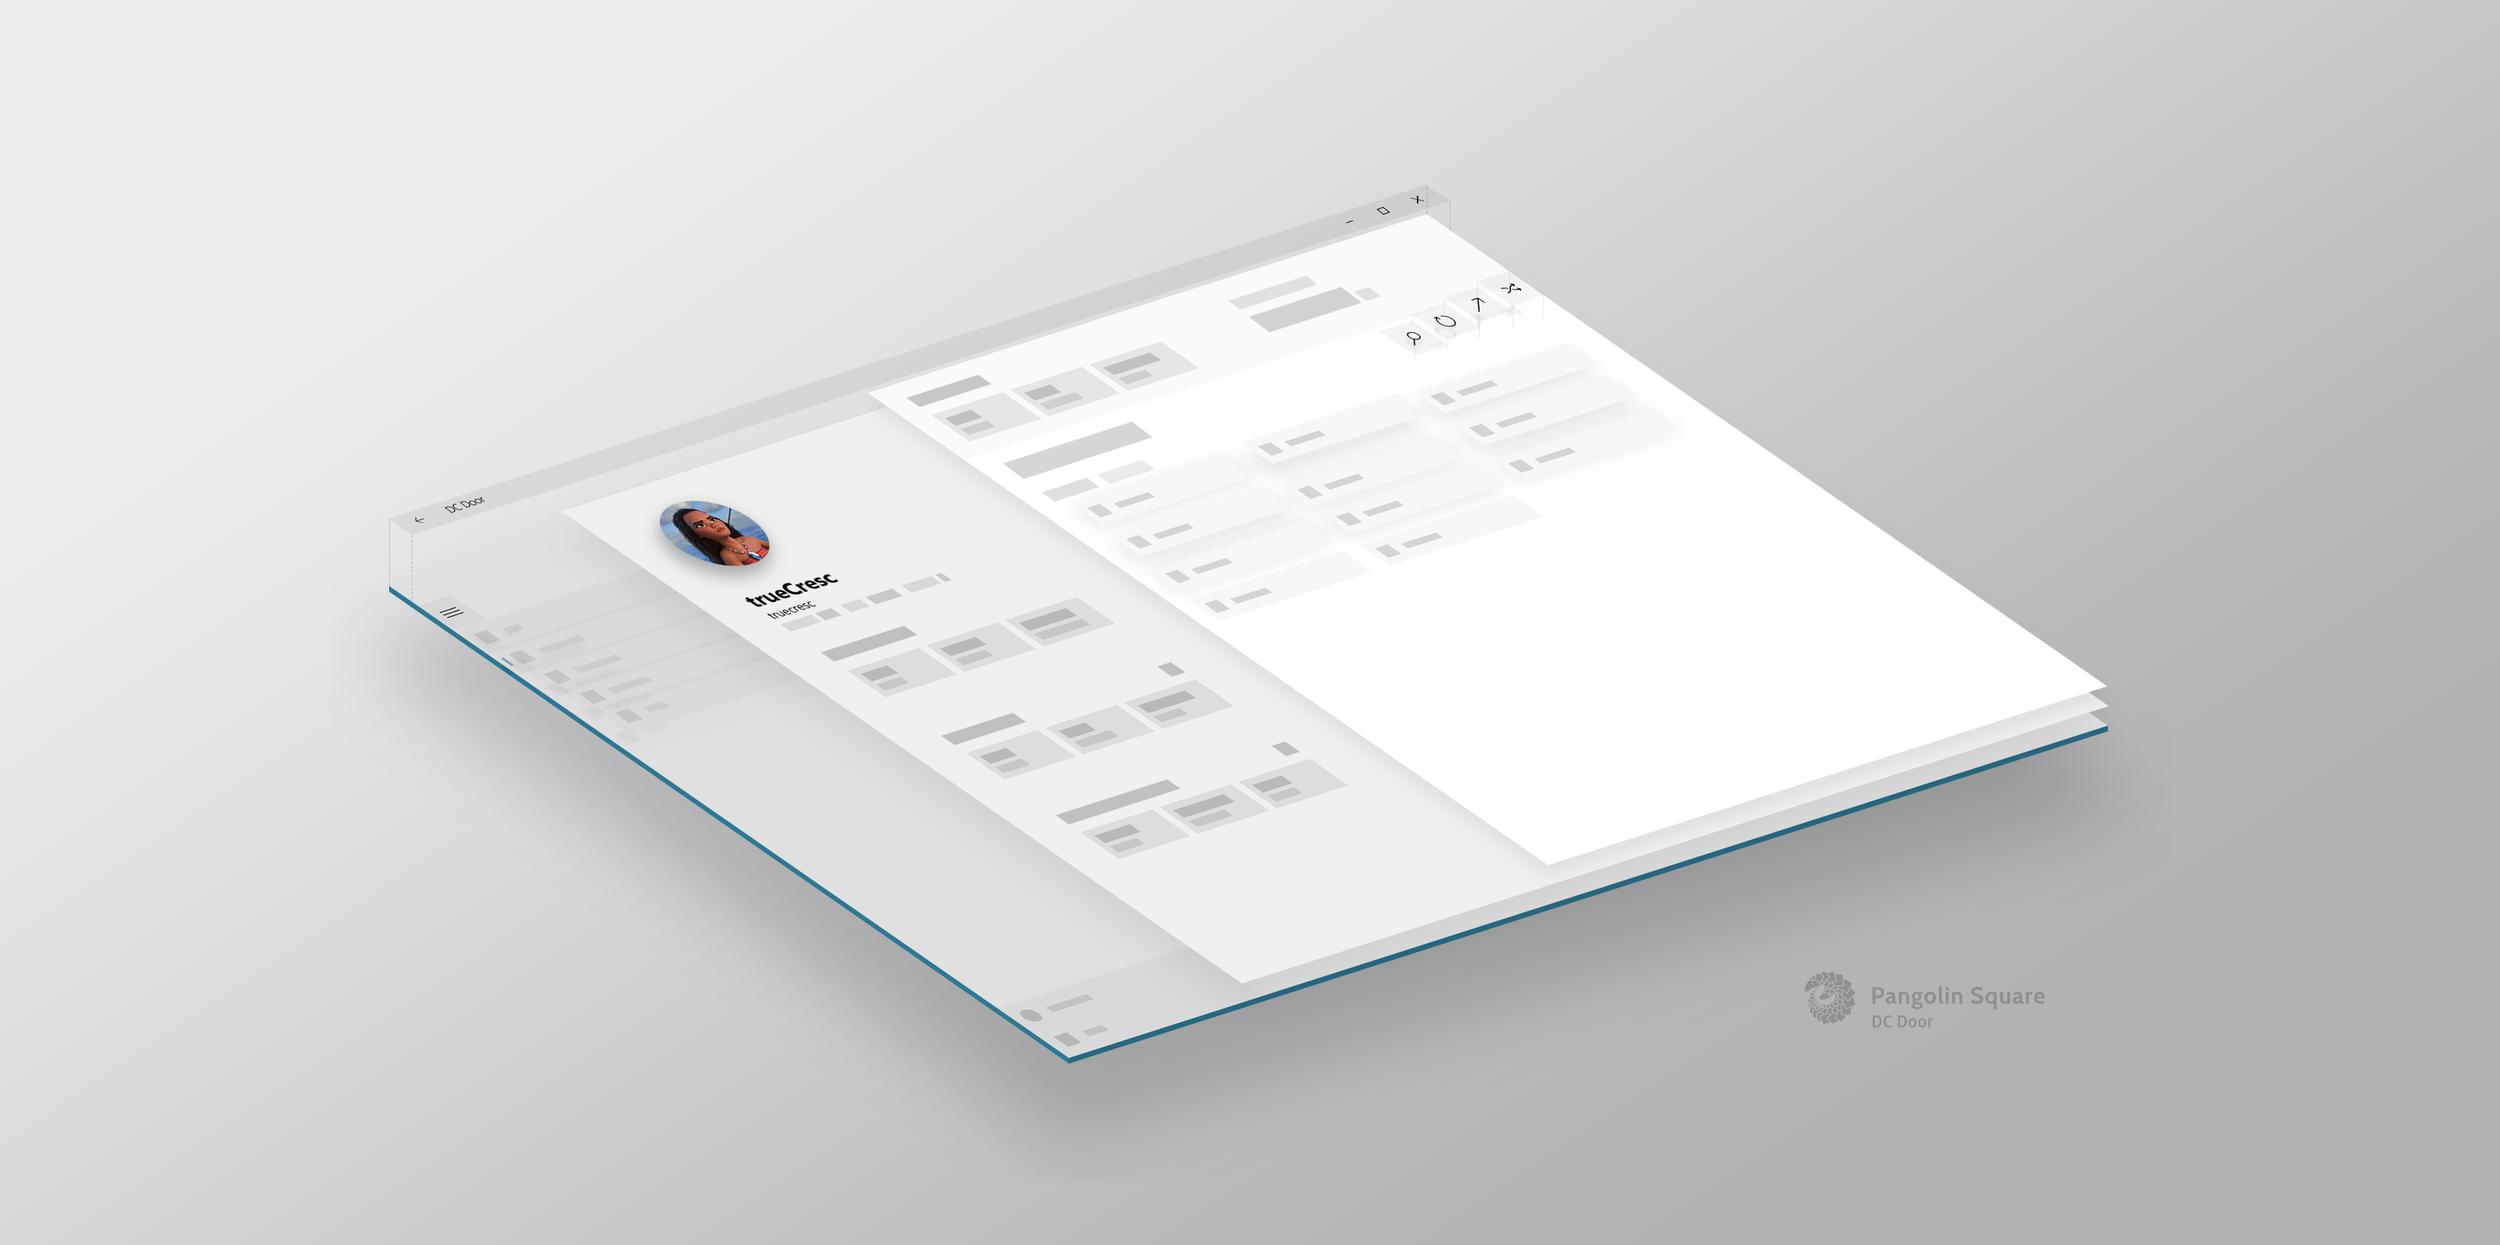 갤질앱만 만들고 있는게 아닙니다   Pangolin Square의 프로젝트들을 찾아보세요    모든 프로젝트 보기 →